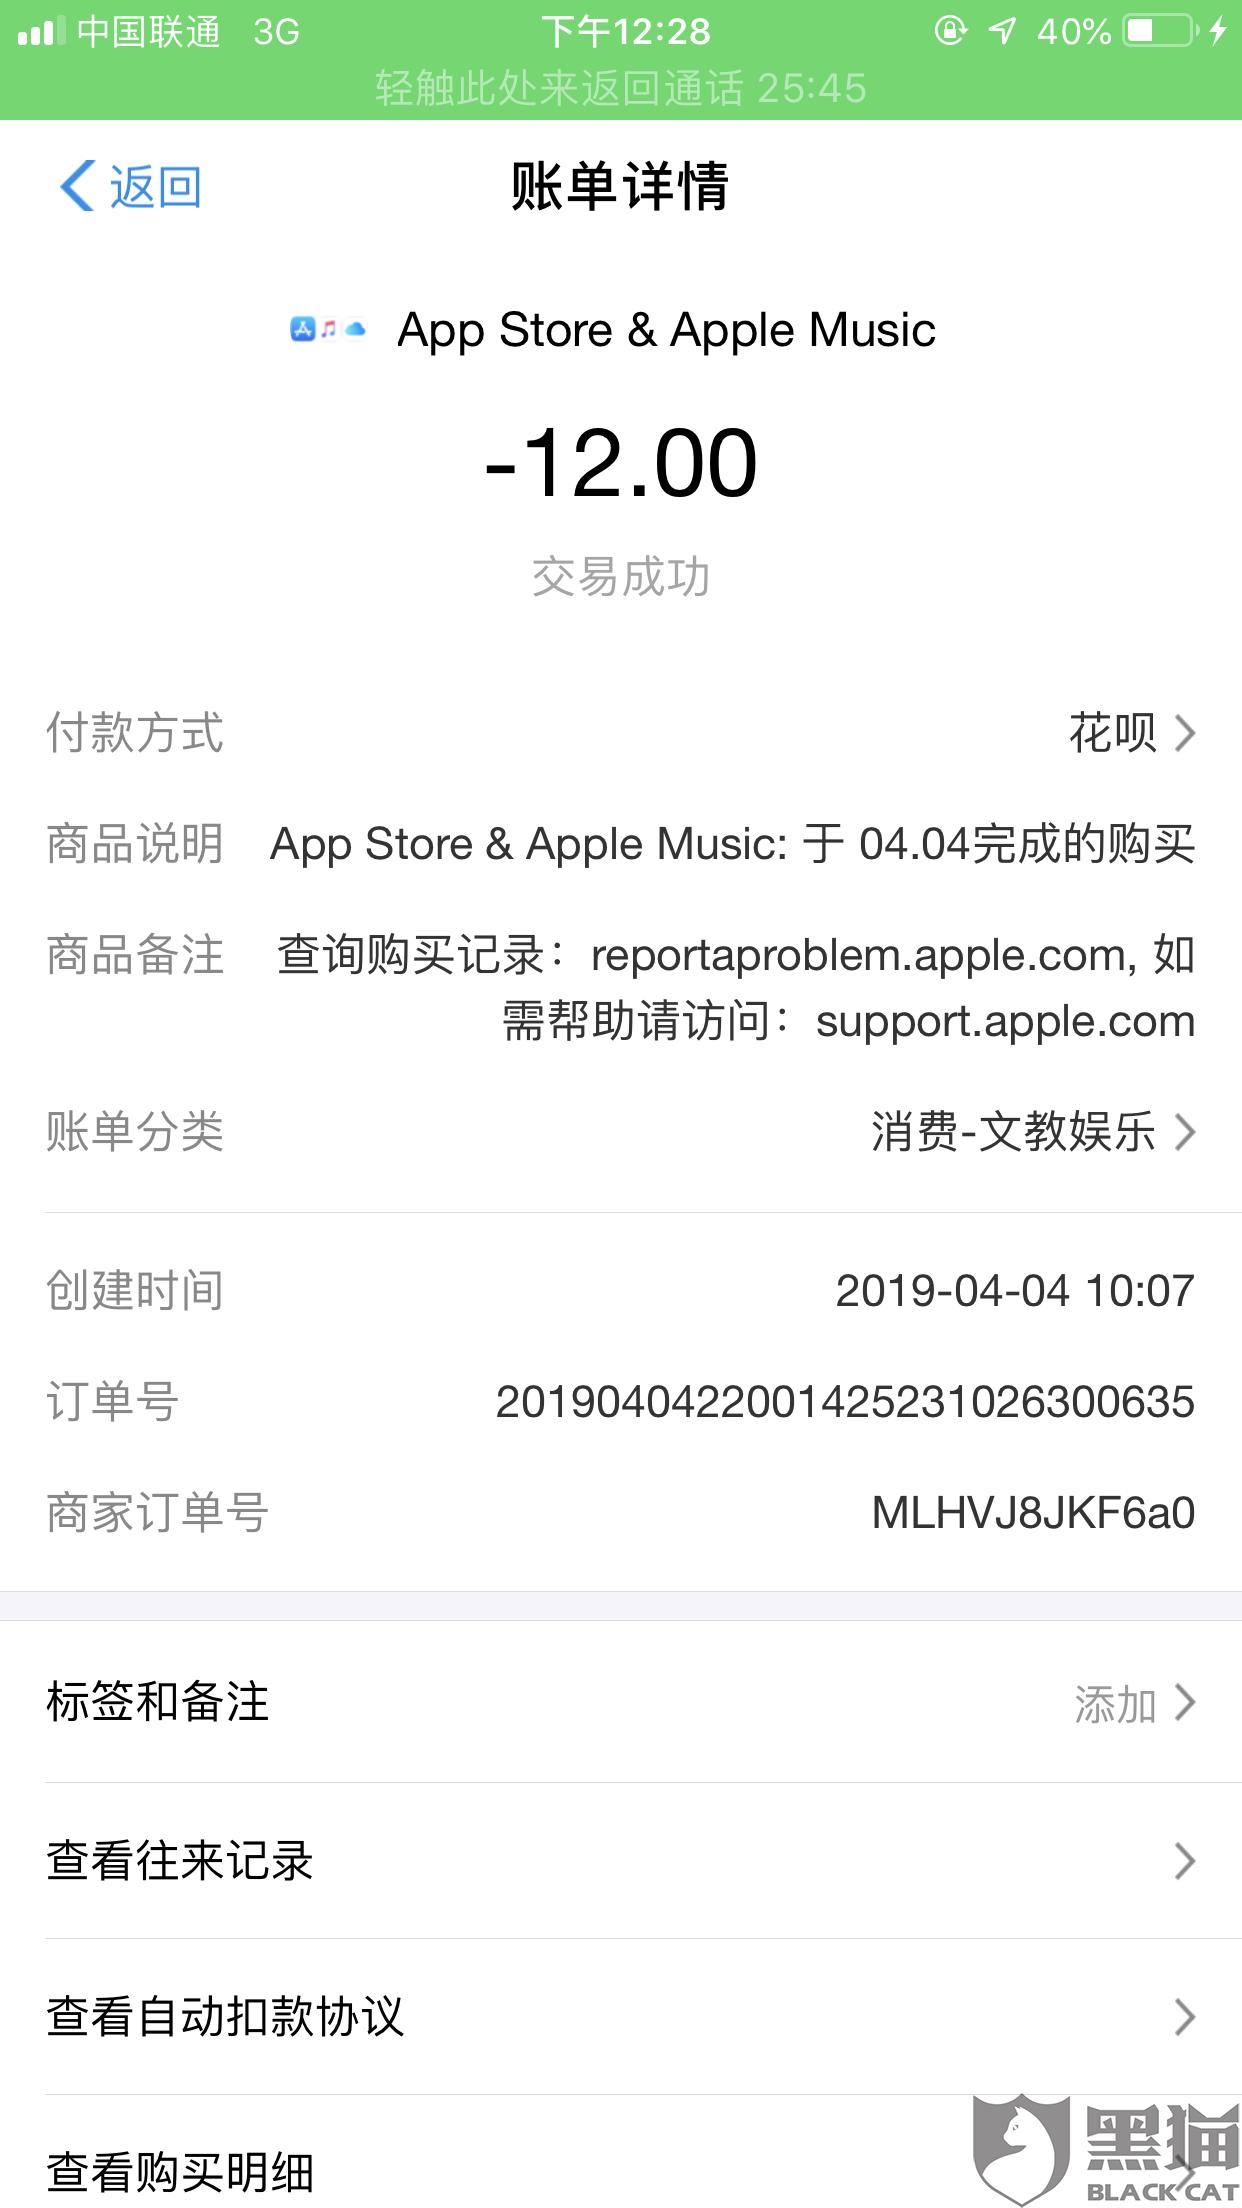 黑猫投诉:再没有输入touch id和收到短信验证码苹果自动扣费12元